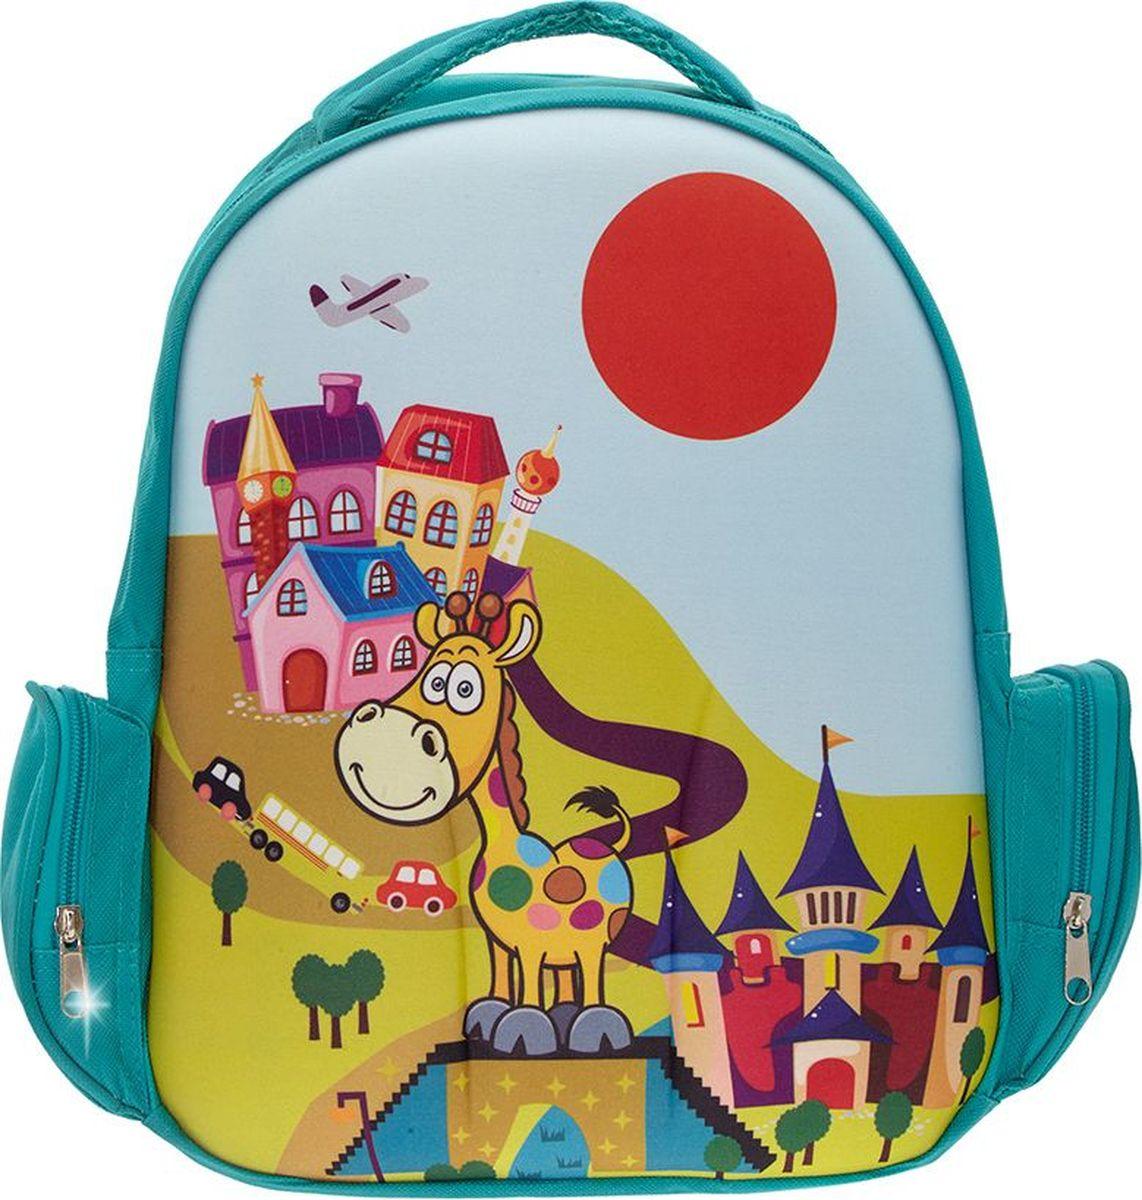 3D Bags Рюкзак дошкольный Жираф3DHM336Дошкольный рюкзак 3D Bags Жираф идеально подходит для хранения важных вещей, которые так необходимы маленьким героям на детской площадке, во время прогулки или на пикнике.Рюкзак выполнен из прочного и износоустойчивого полиэстера. Просторный внутренний отсек будет очень удобен в использовании. Лицевая сторона рюкзака на прочной основе выполнена в виде веселой детской картинки, которая всегда будет радовать вашего малыша.